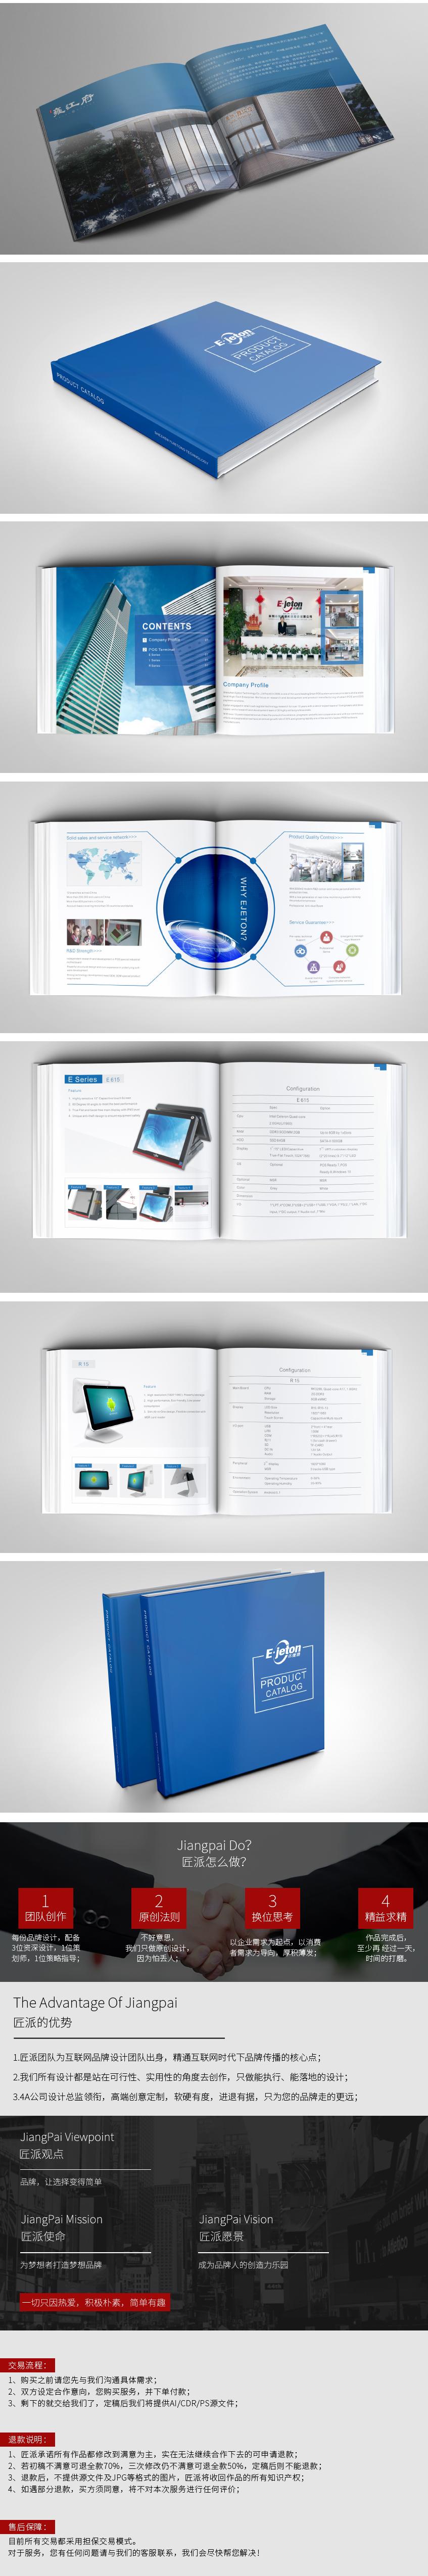 _画册设计册子产品手册三折页宣传单宣传品宣传册设计台历菜单设计2